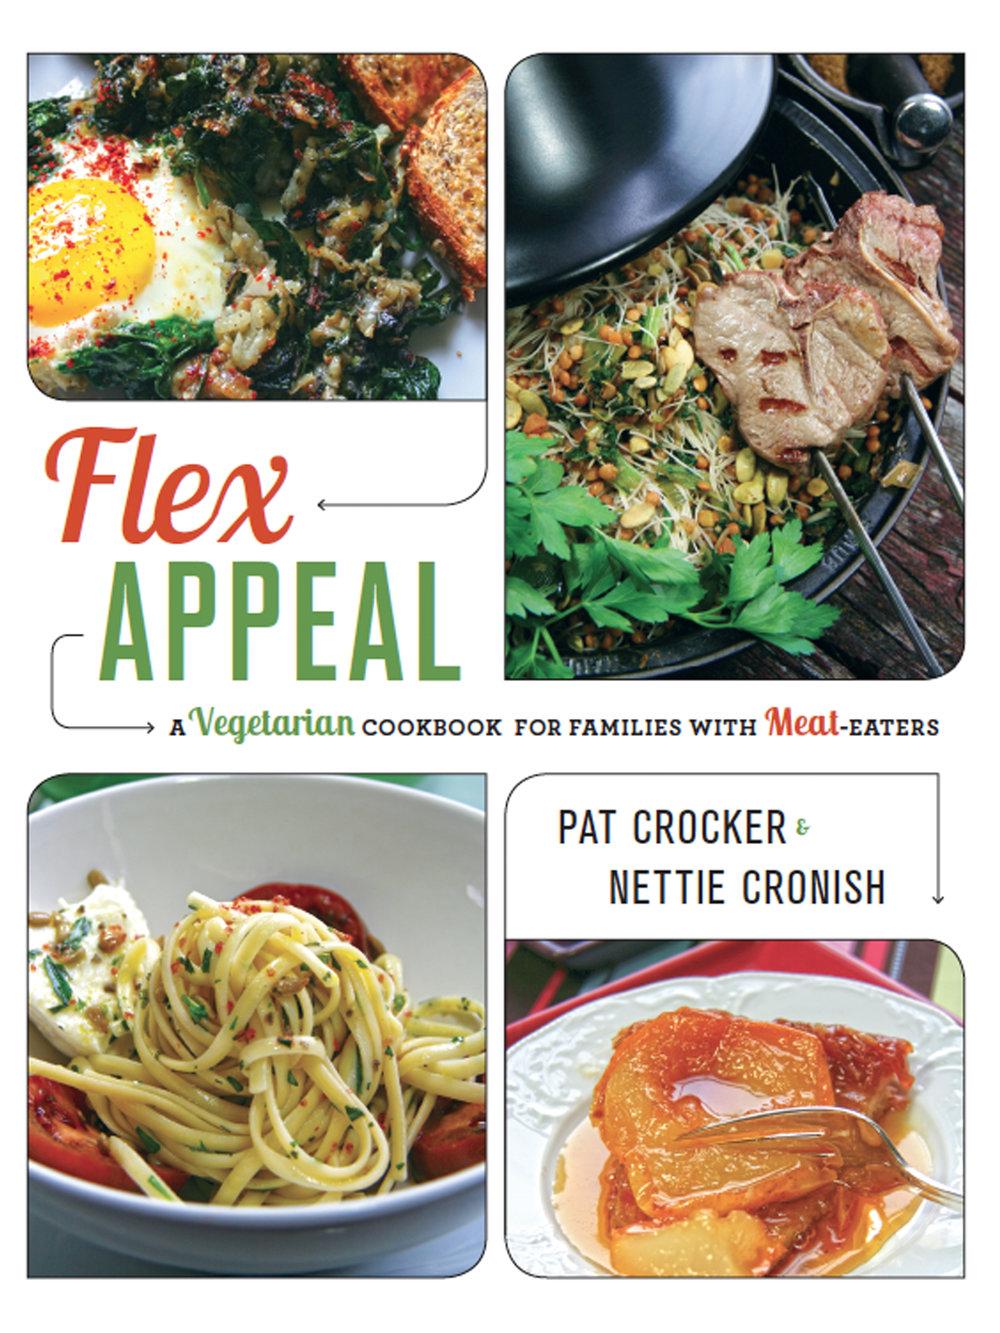 Flex Appeal by Pat Crocker